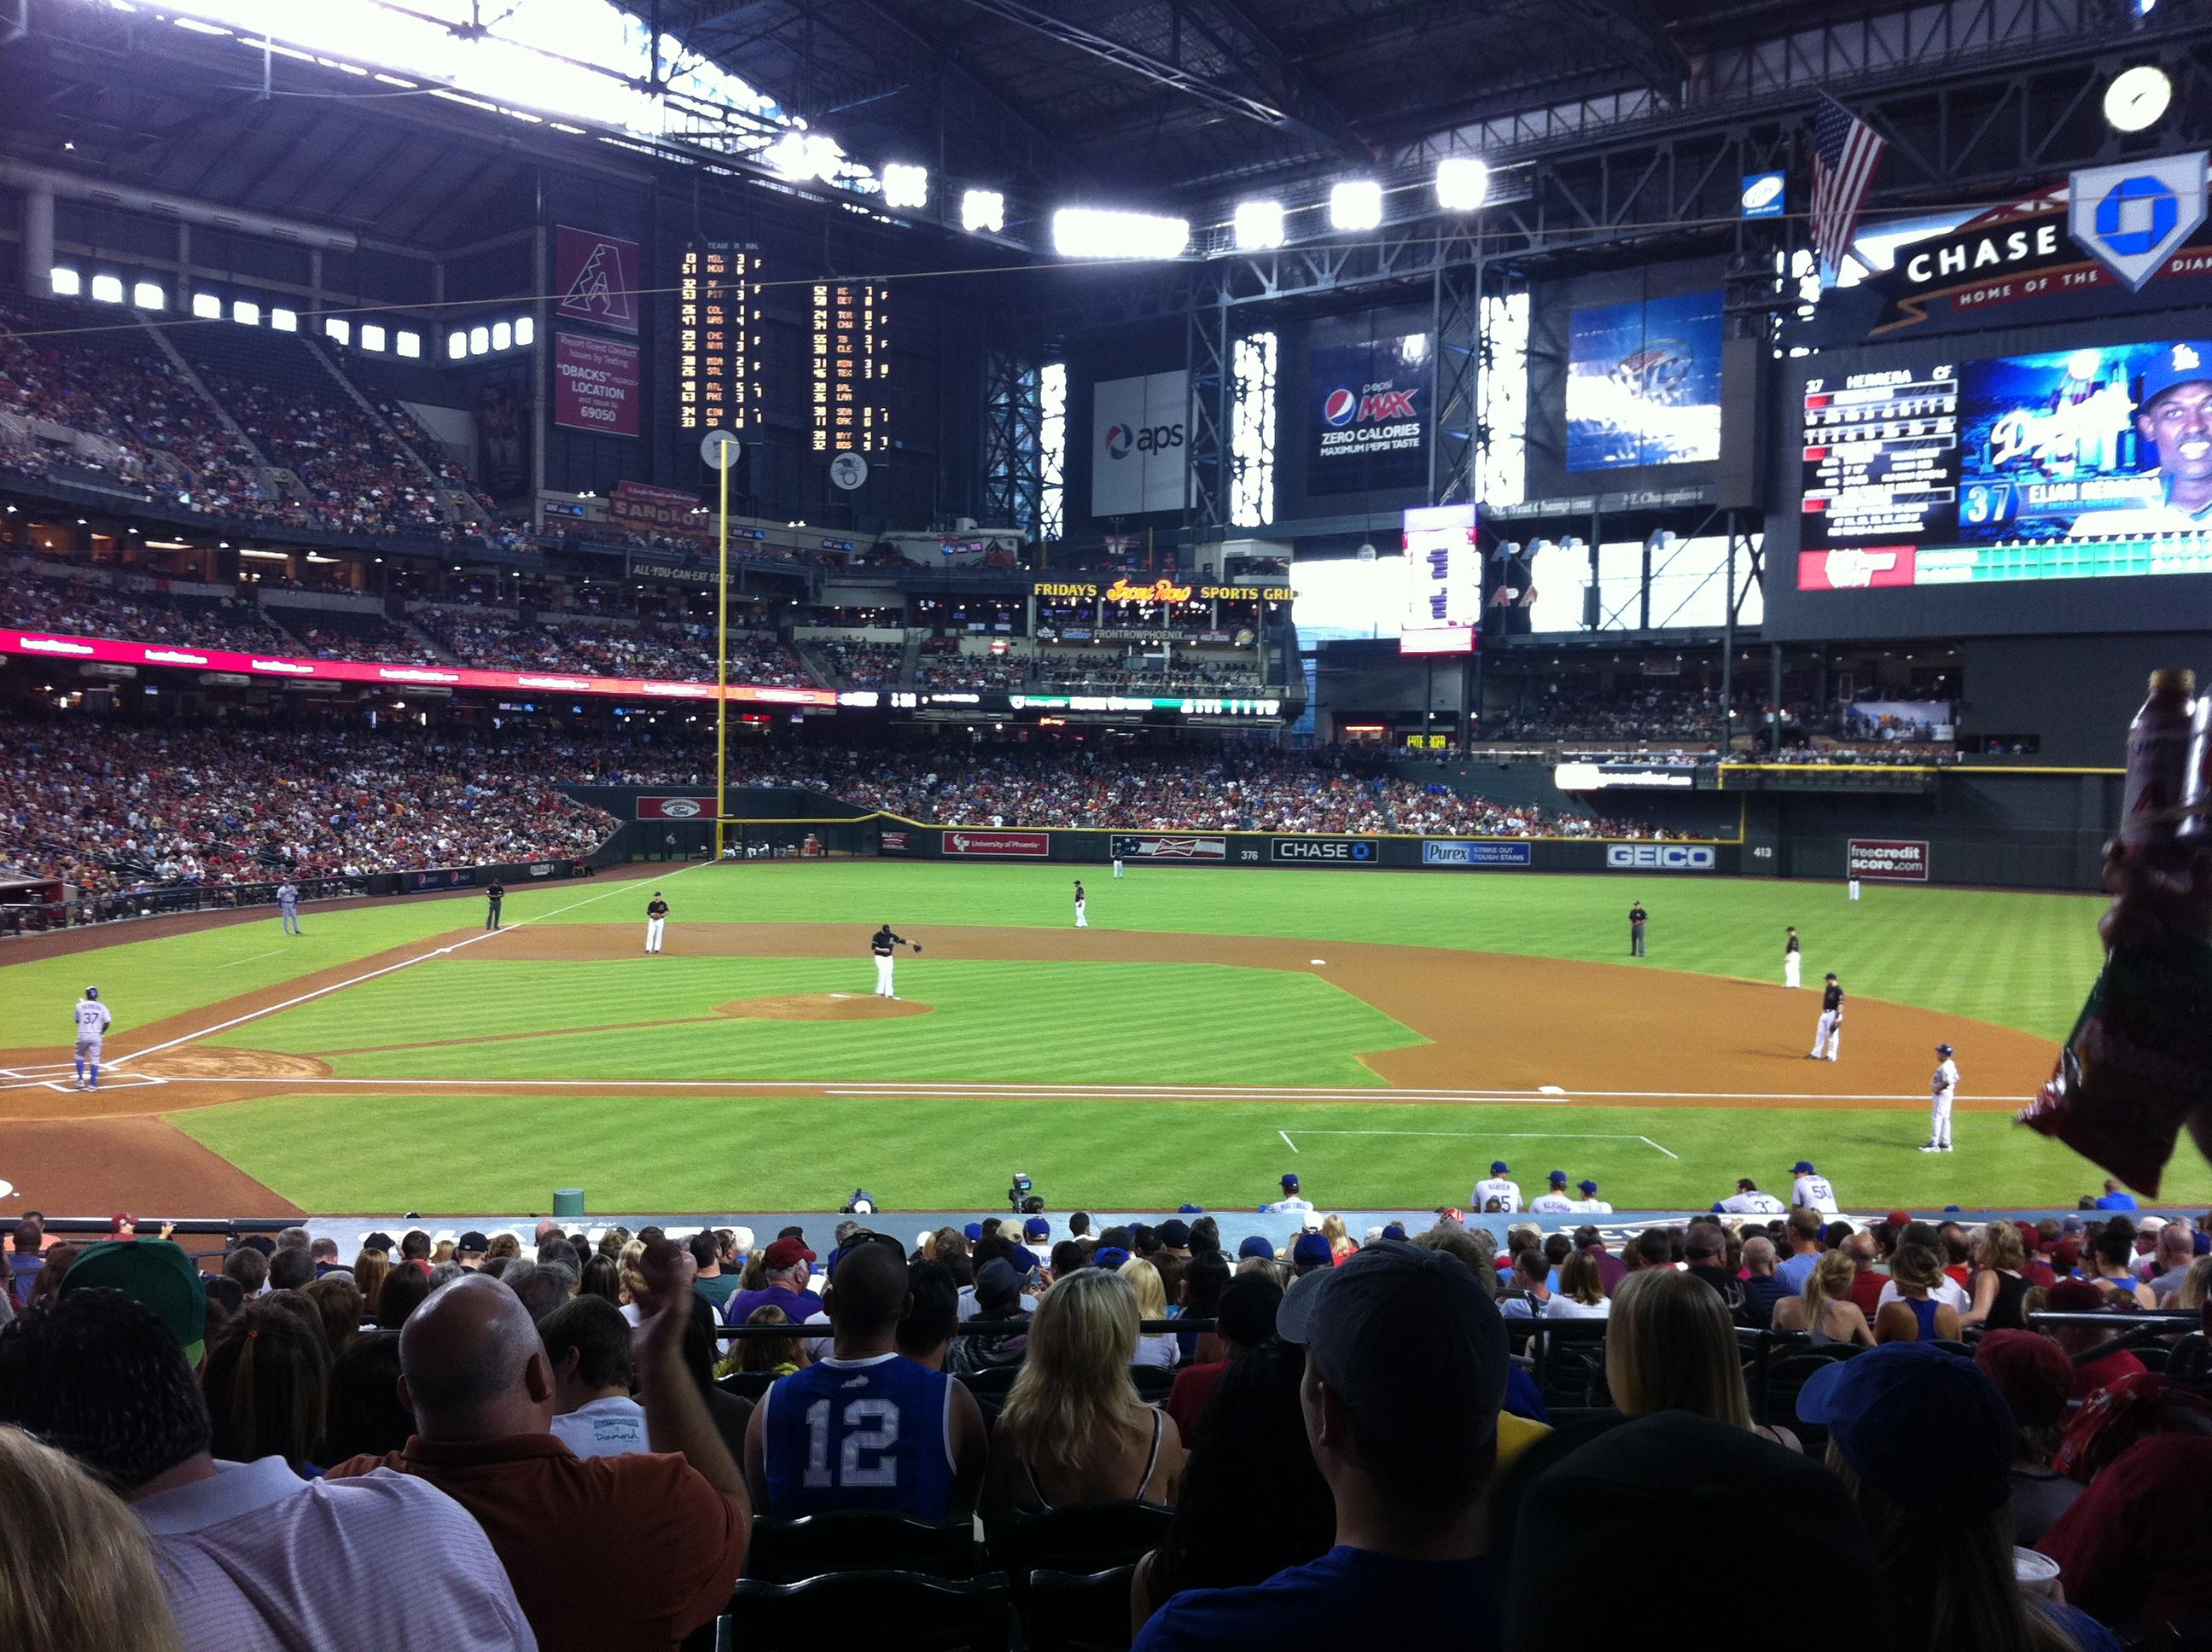 Chase Field, Phoenix, Diamondbacks, Baseball stadium, baseball trips, baseball tours